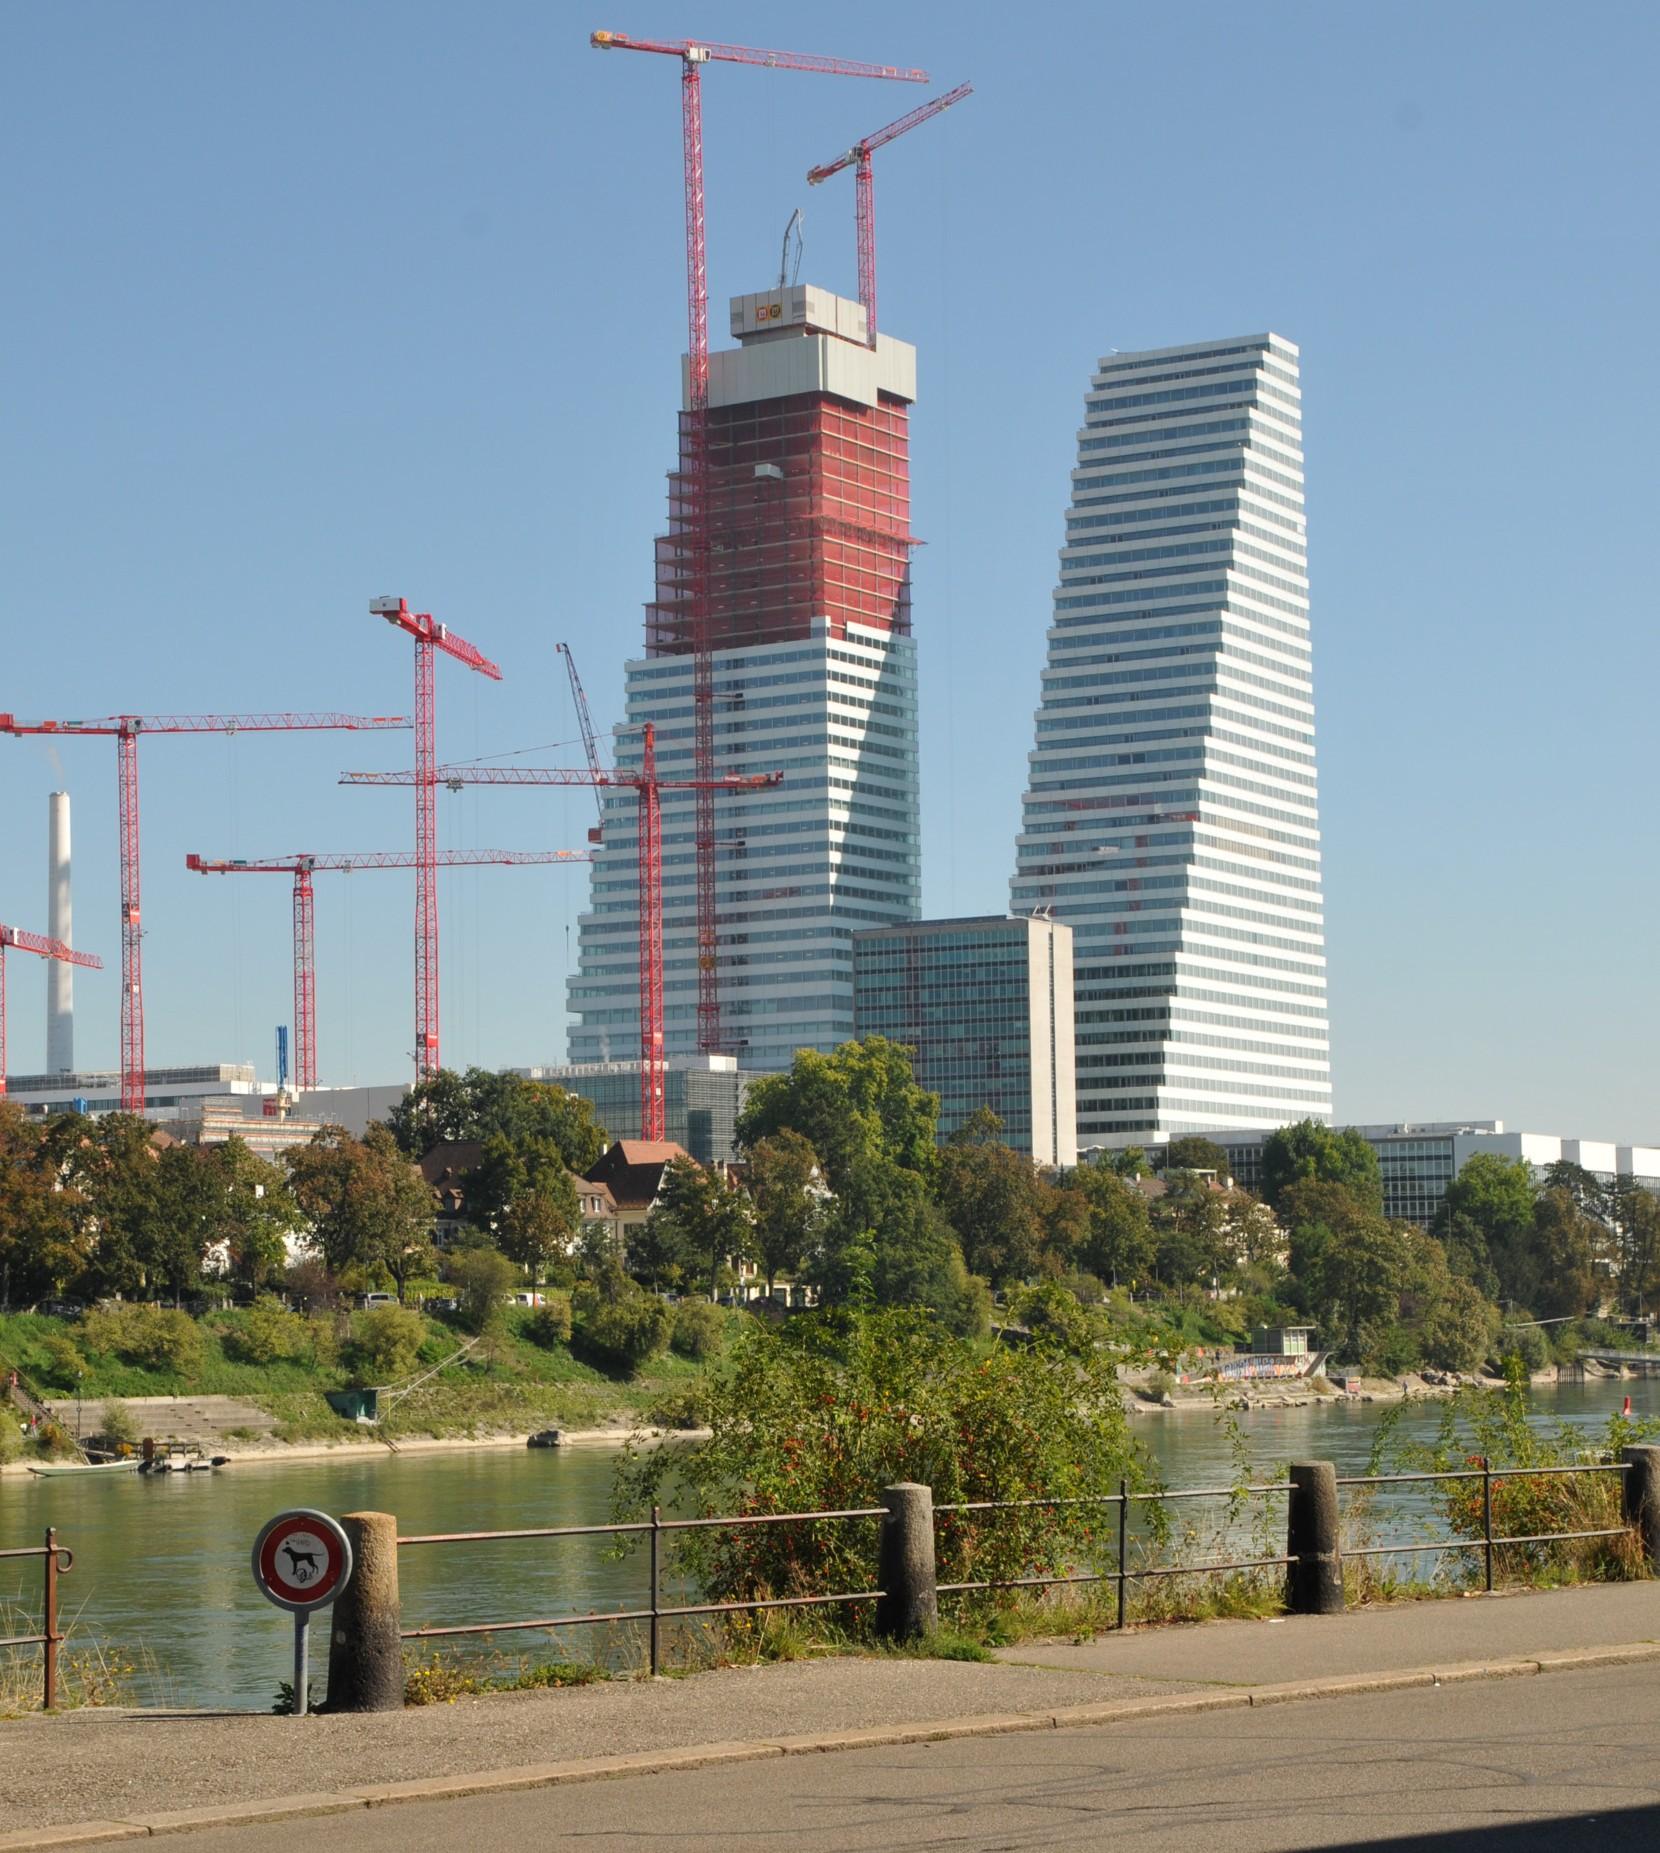 Roche-Bau 2 in Basel